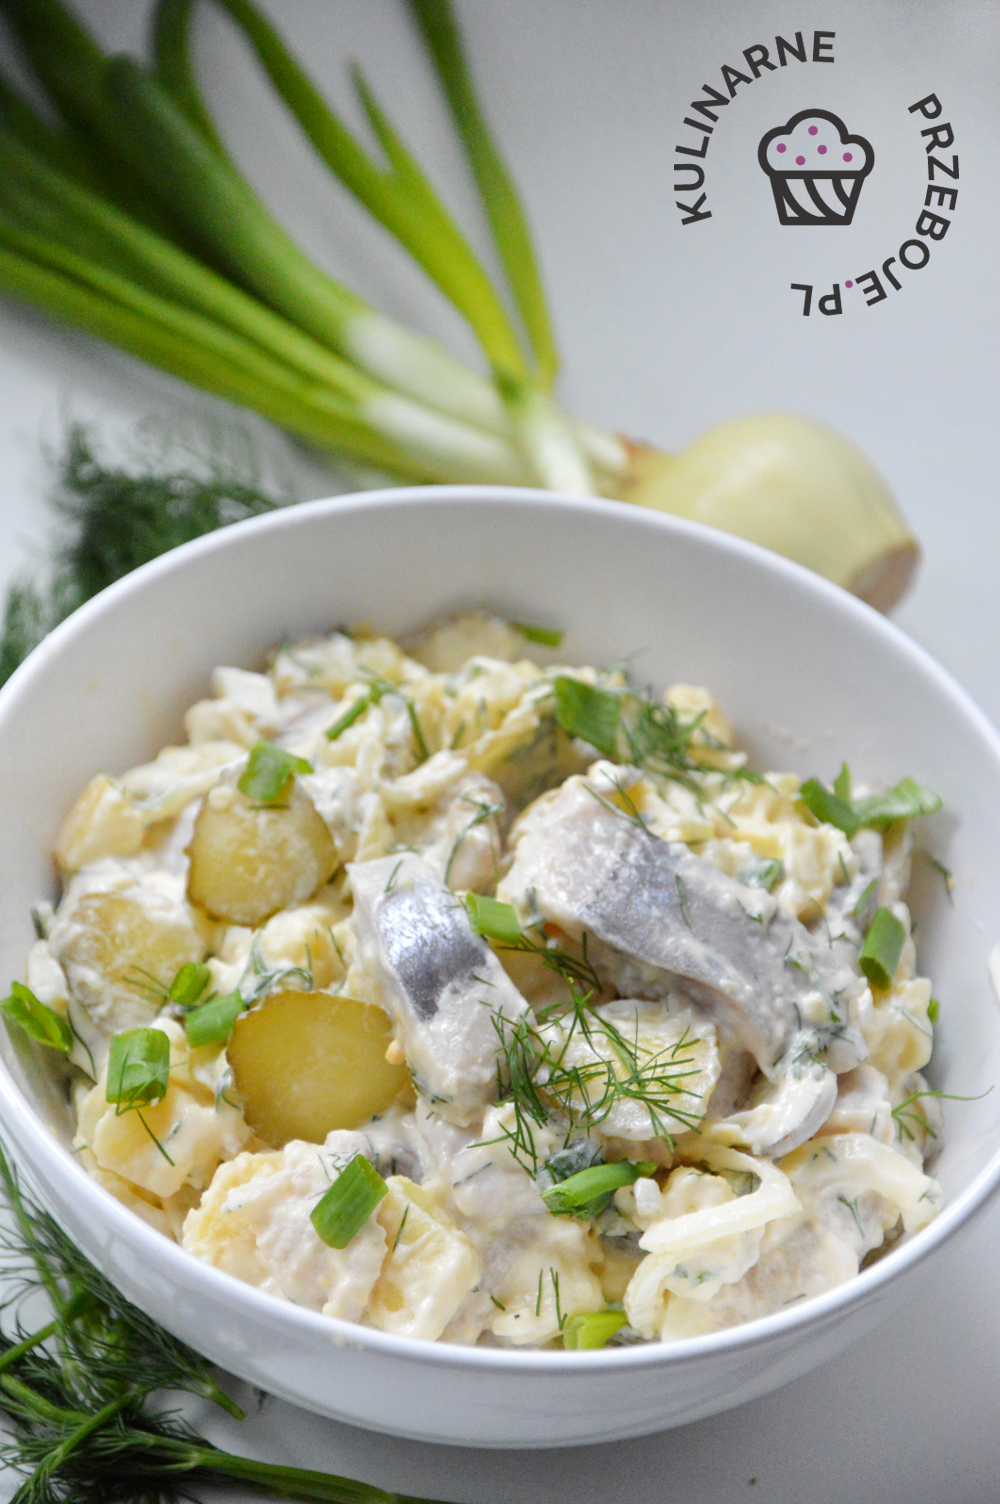 Pyszny sledź z kiszonym ogórkiem, ziemniakami, jajkiem i dodatkiem majonezu